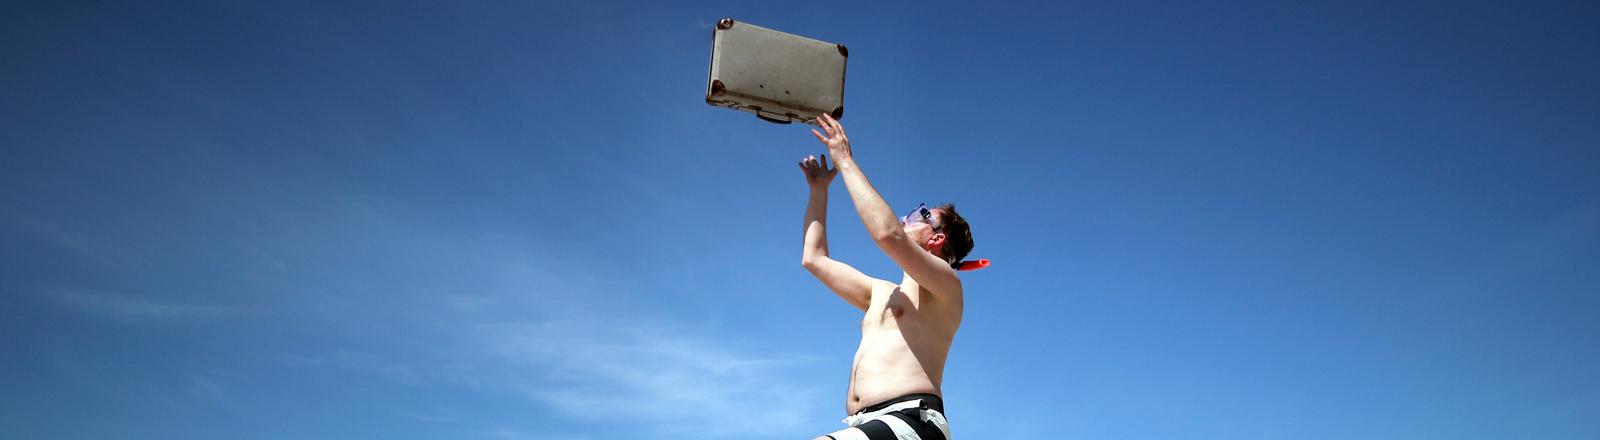 Ein Mann in Badehose wirft einen Koffer in die Luft